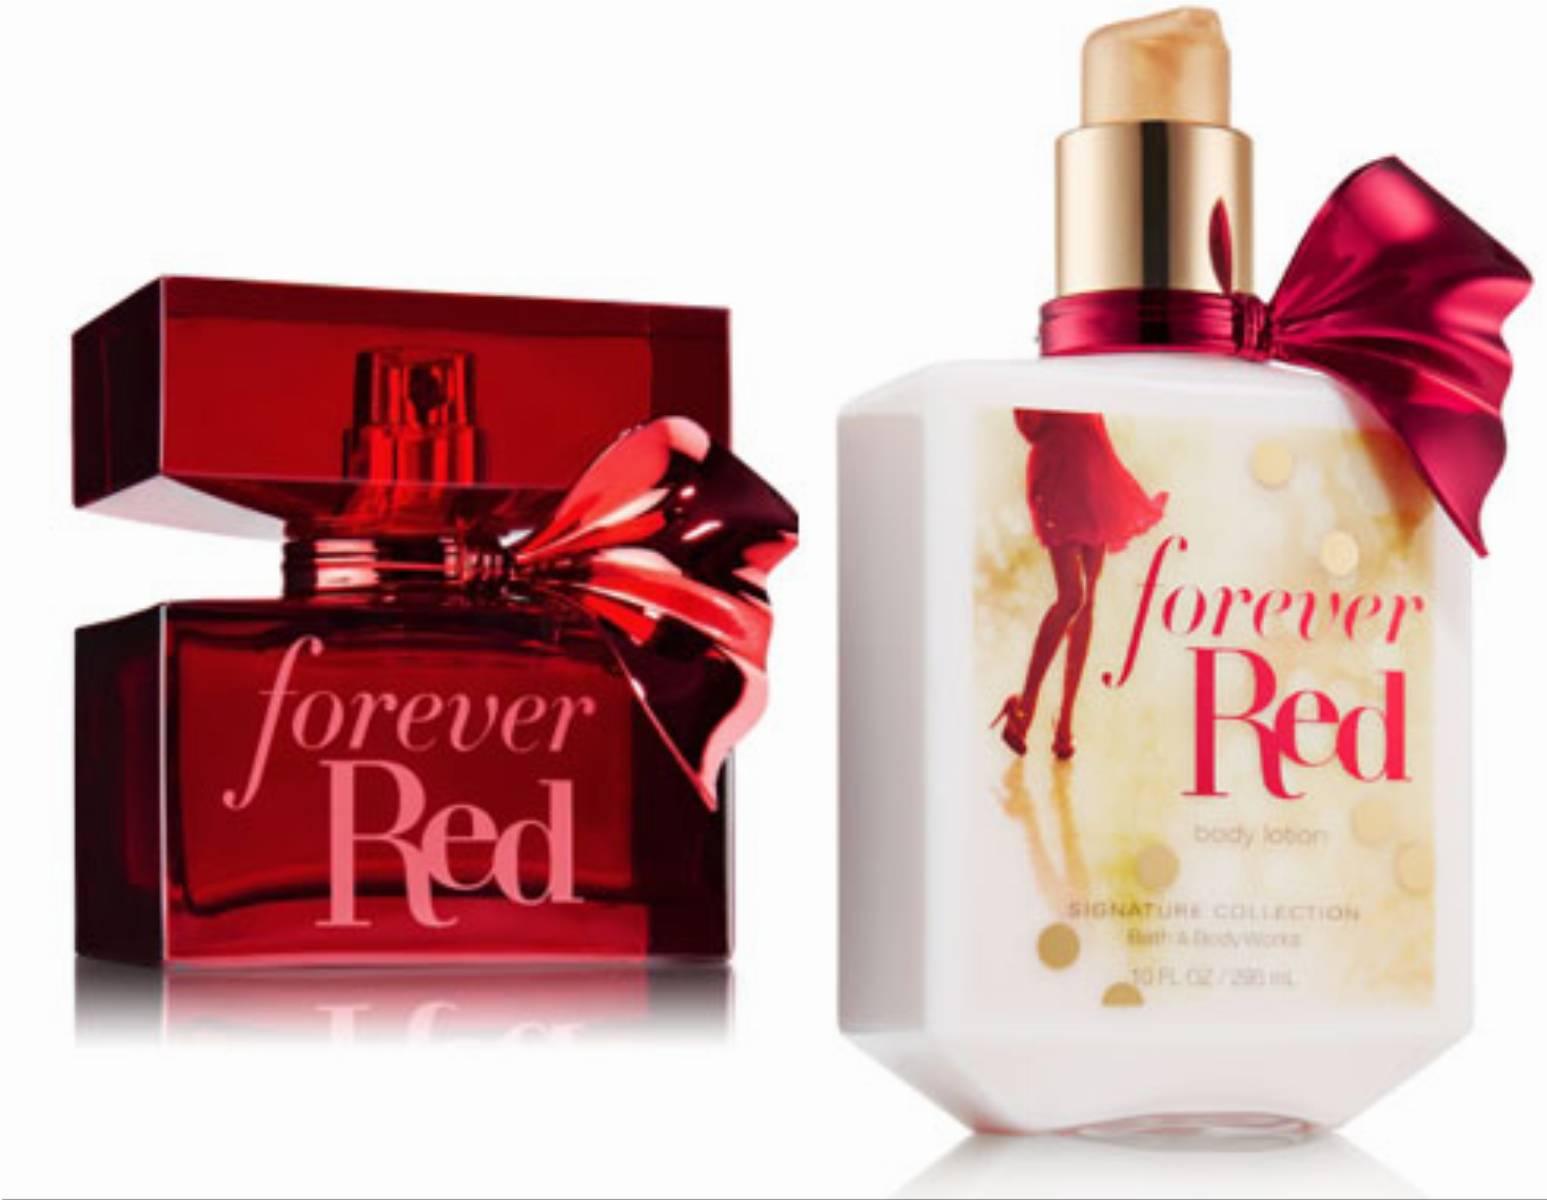 Woda i balsam Forever Red